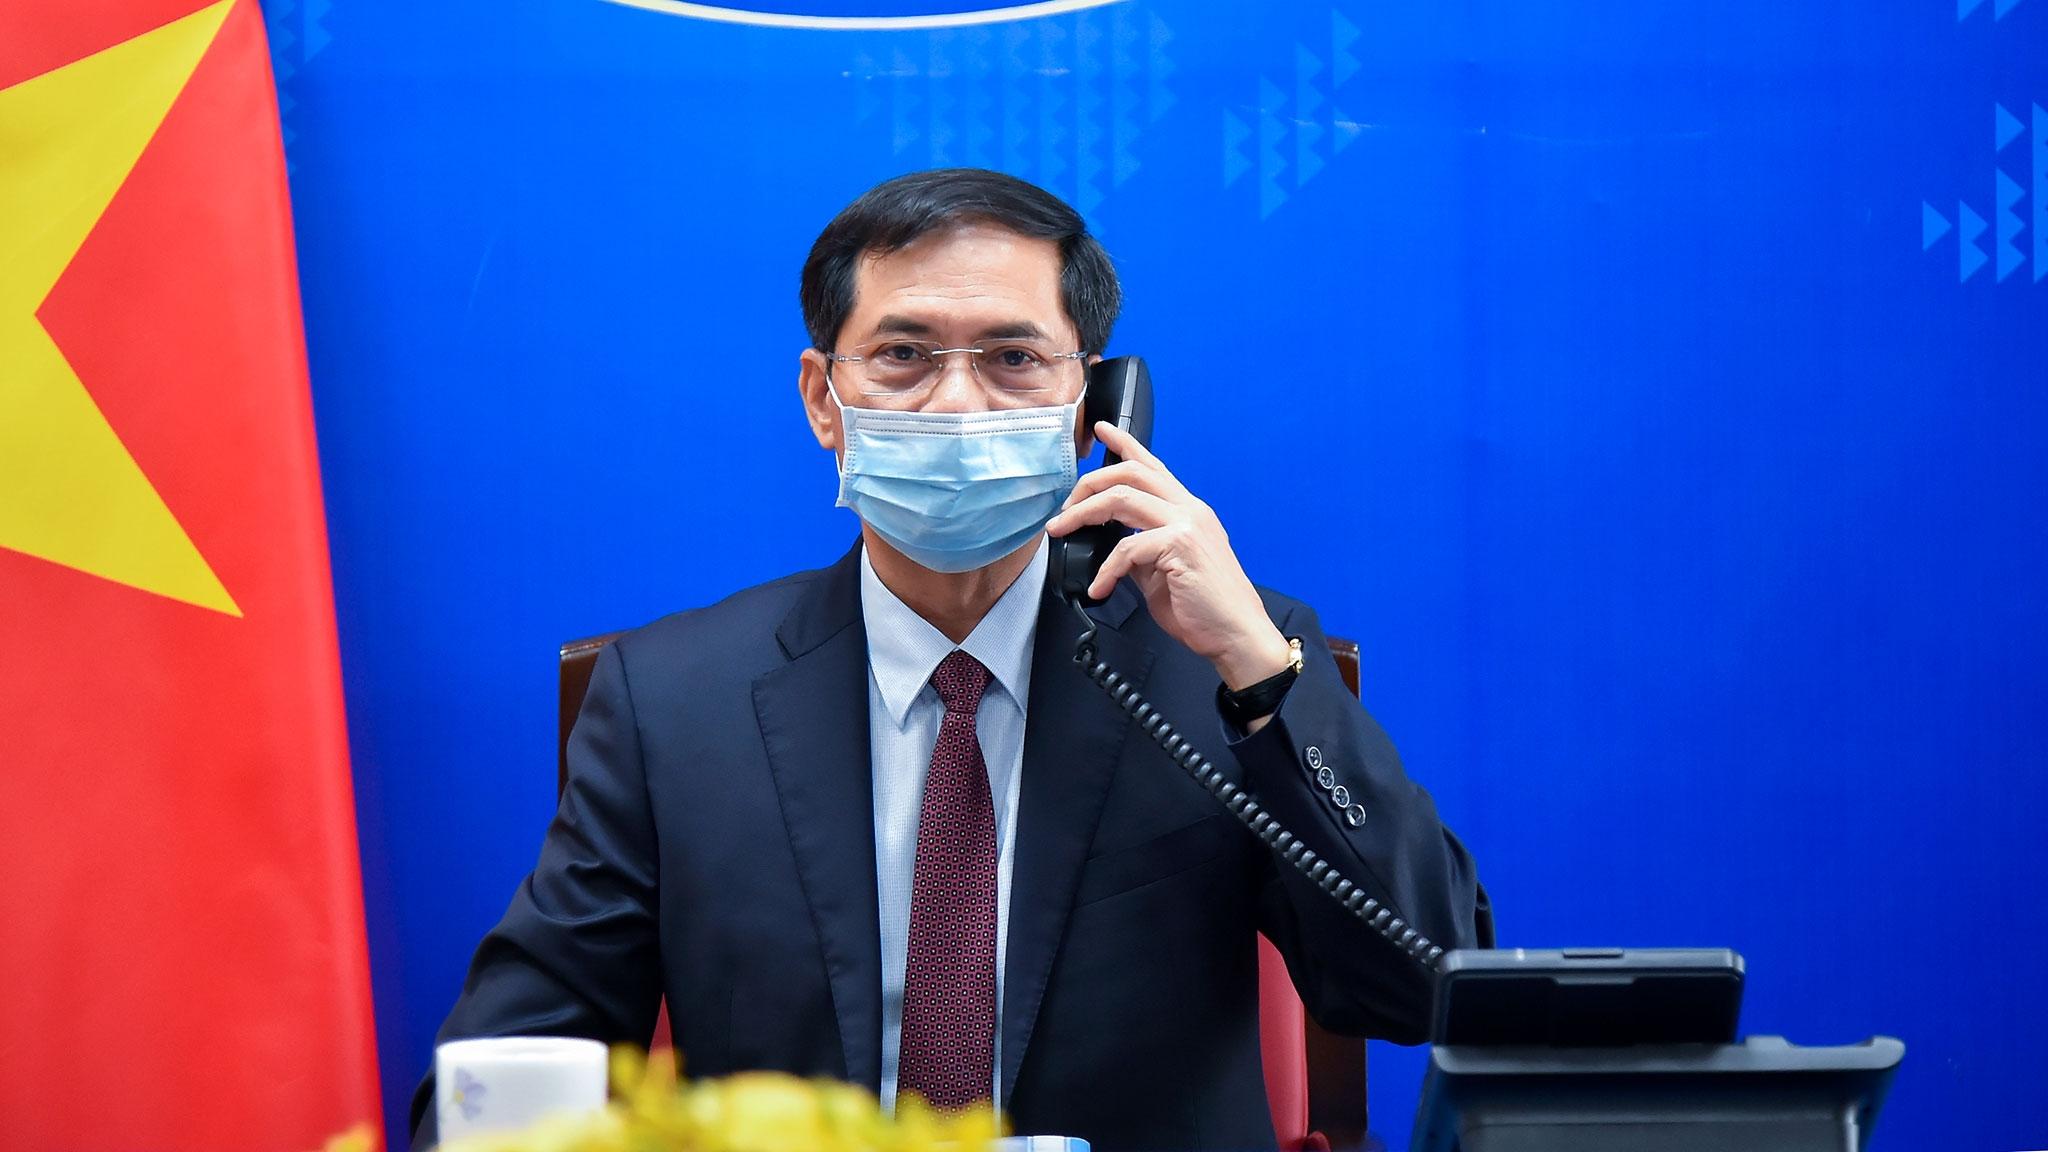 Việt Nam - Đức: Tăng cường hợp tác về kinh tế, thương mại, đầu tư